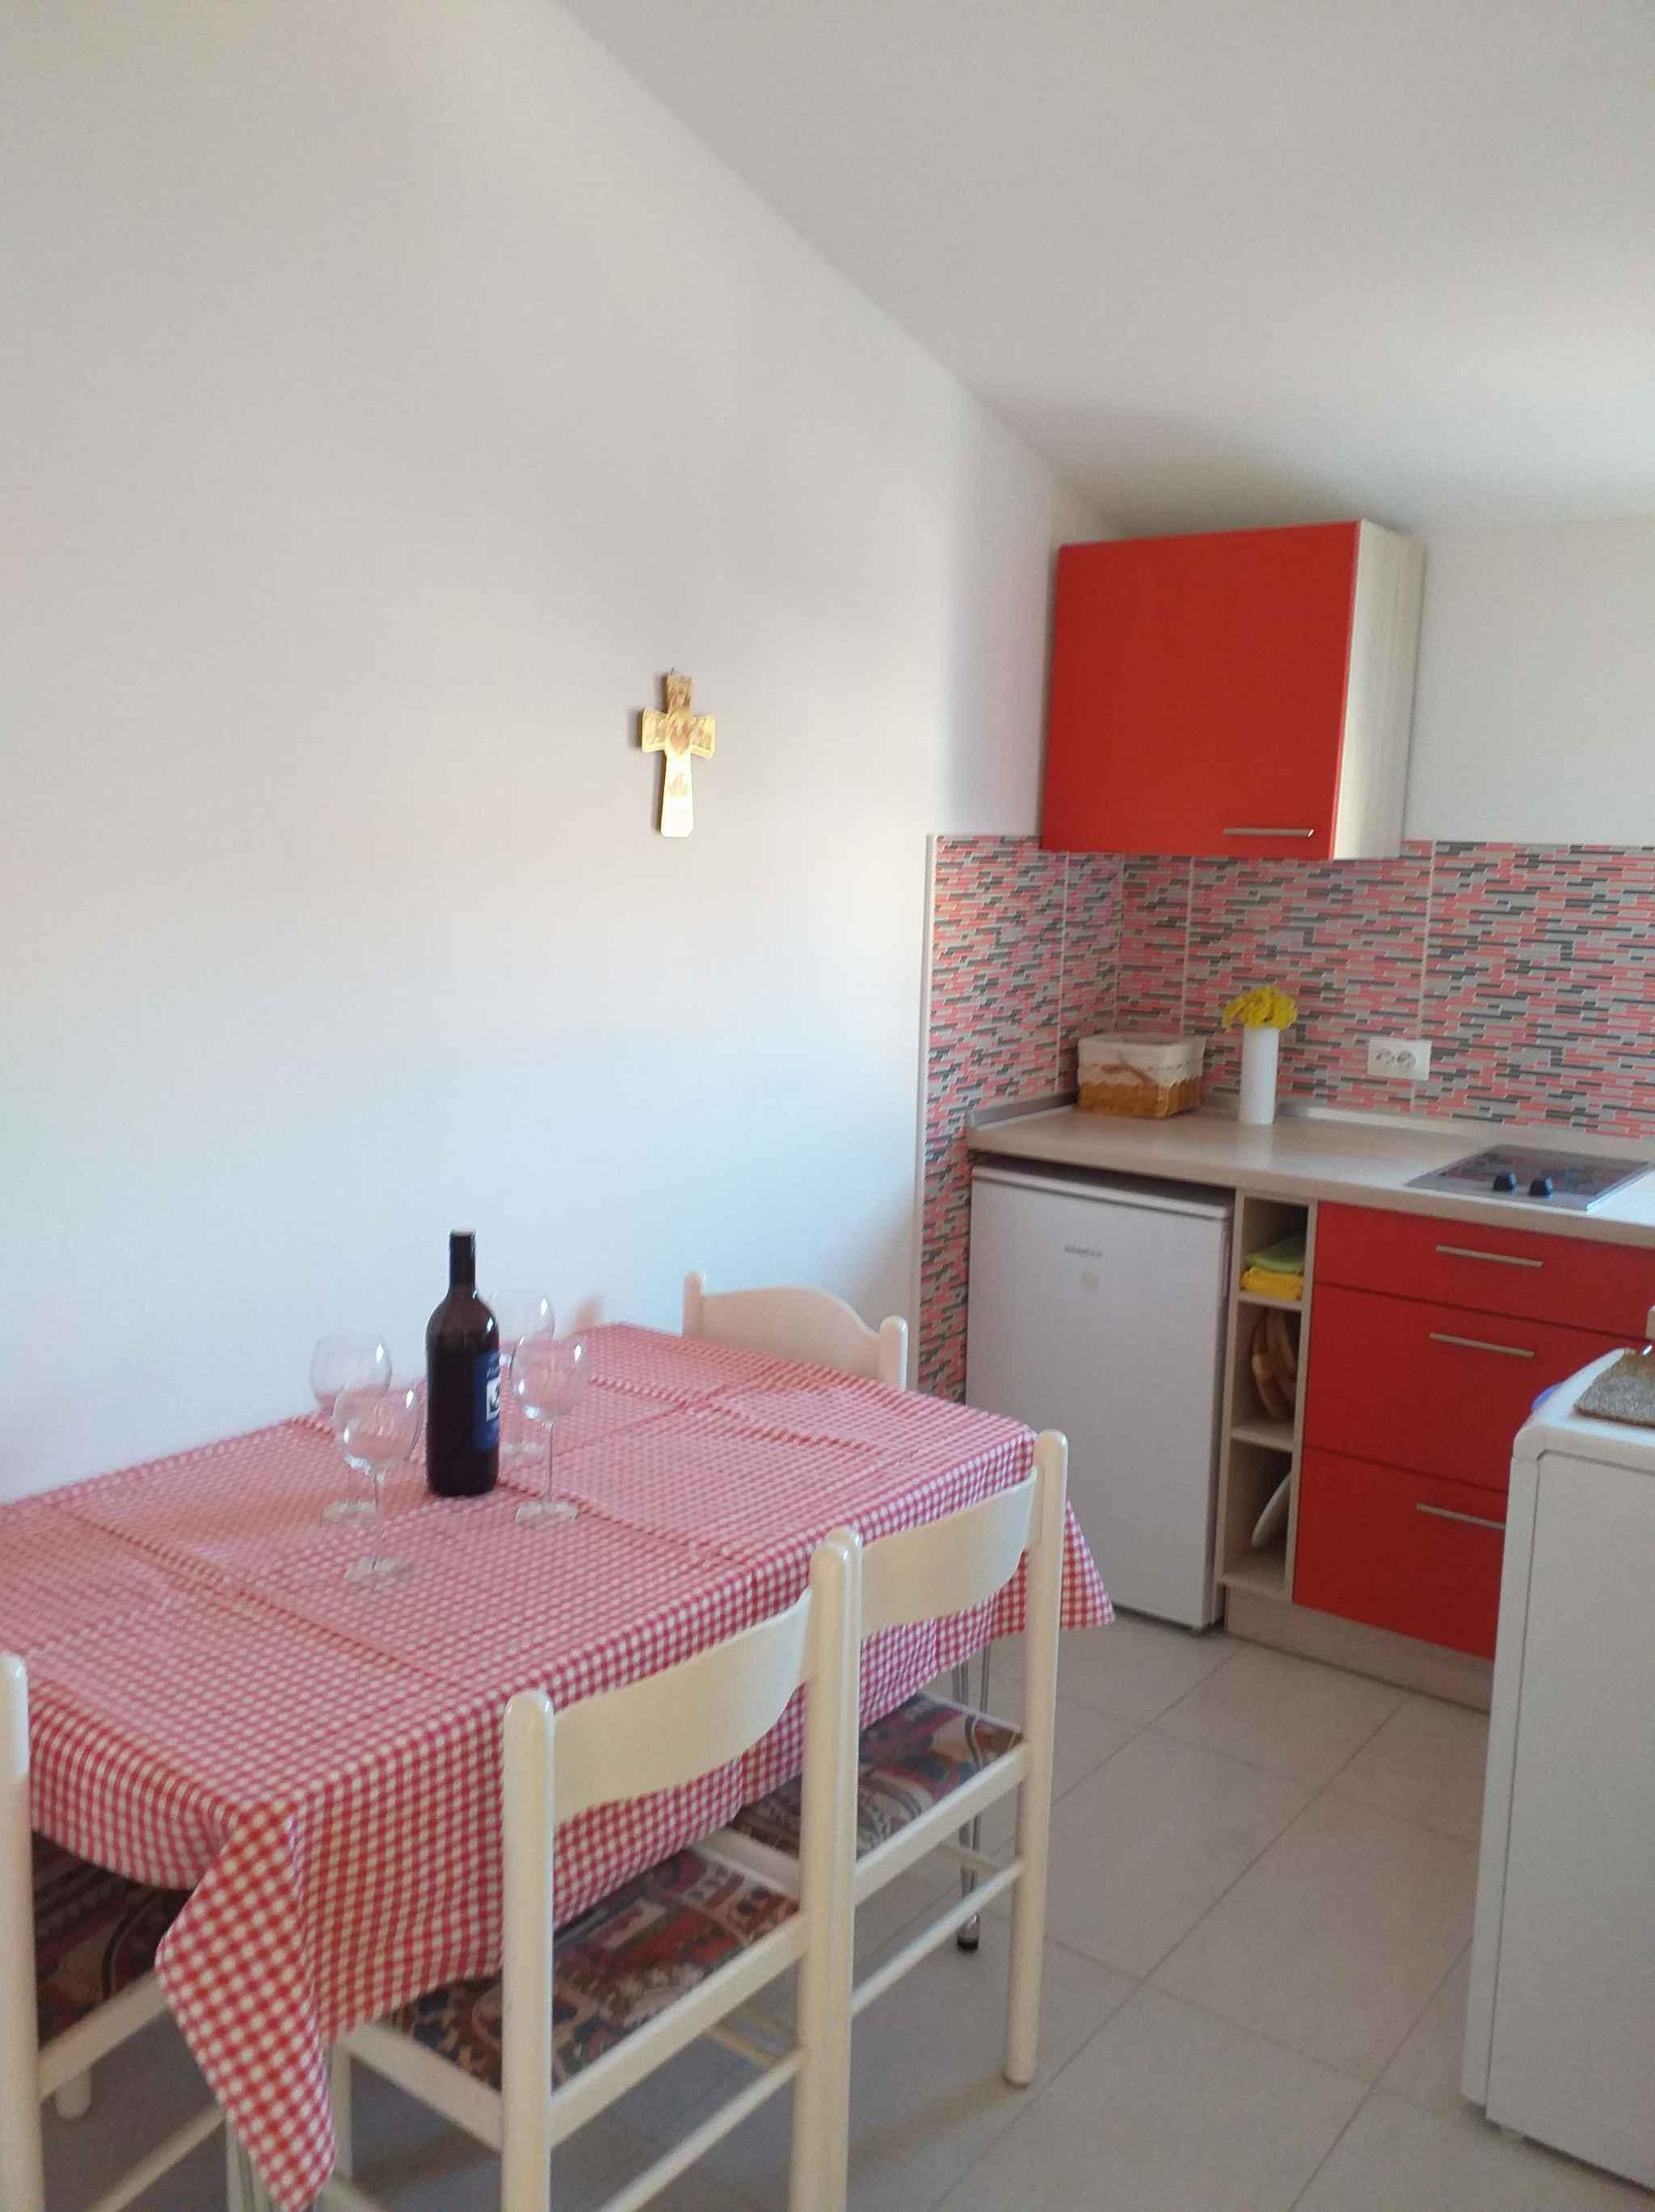 Ferienwohnung in Adrianähe mit Meerblick (278894), Zadar, , Dalmatien, Kroatien, Bild 12